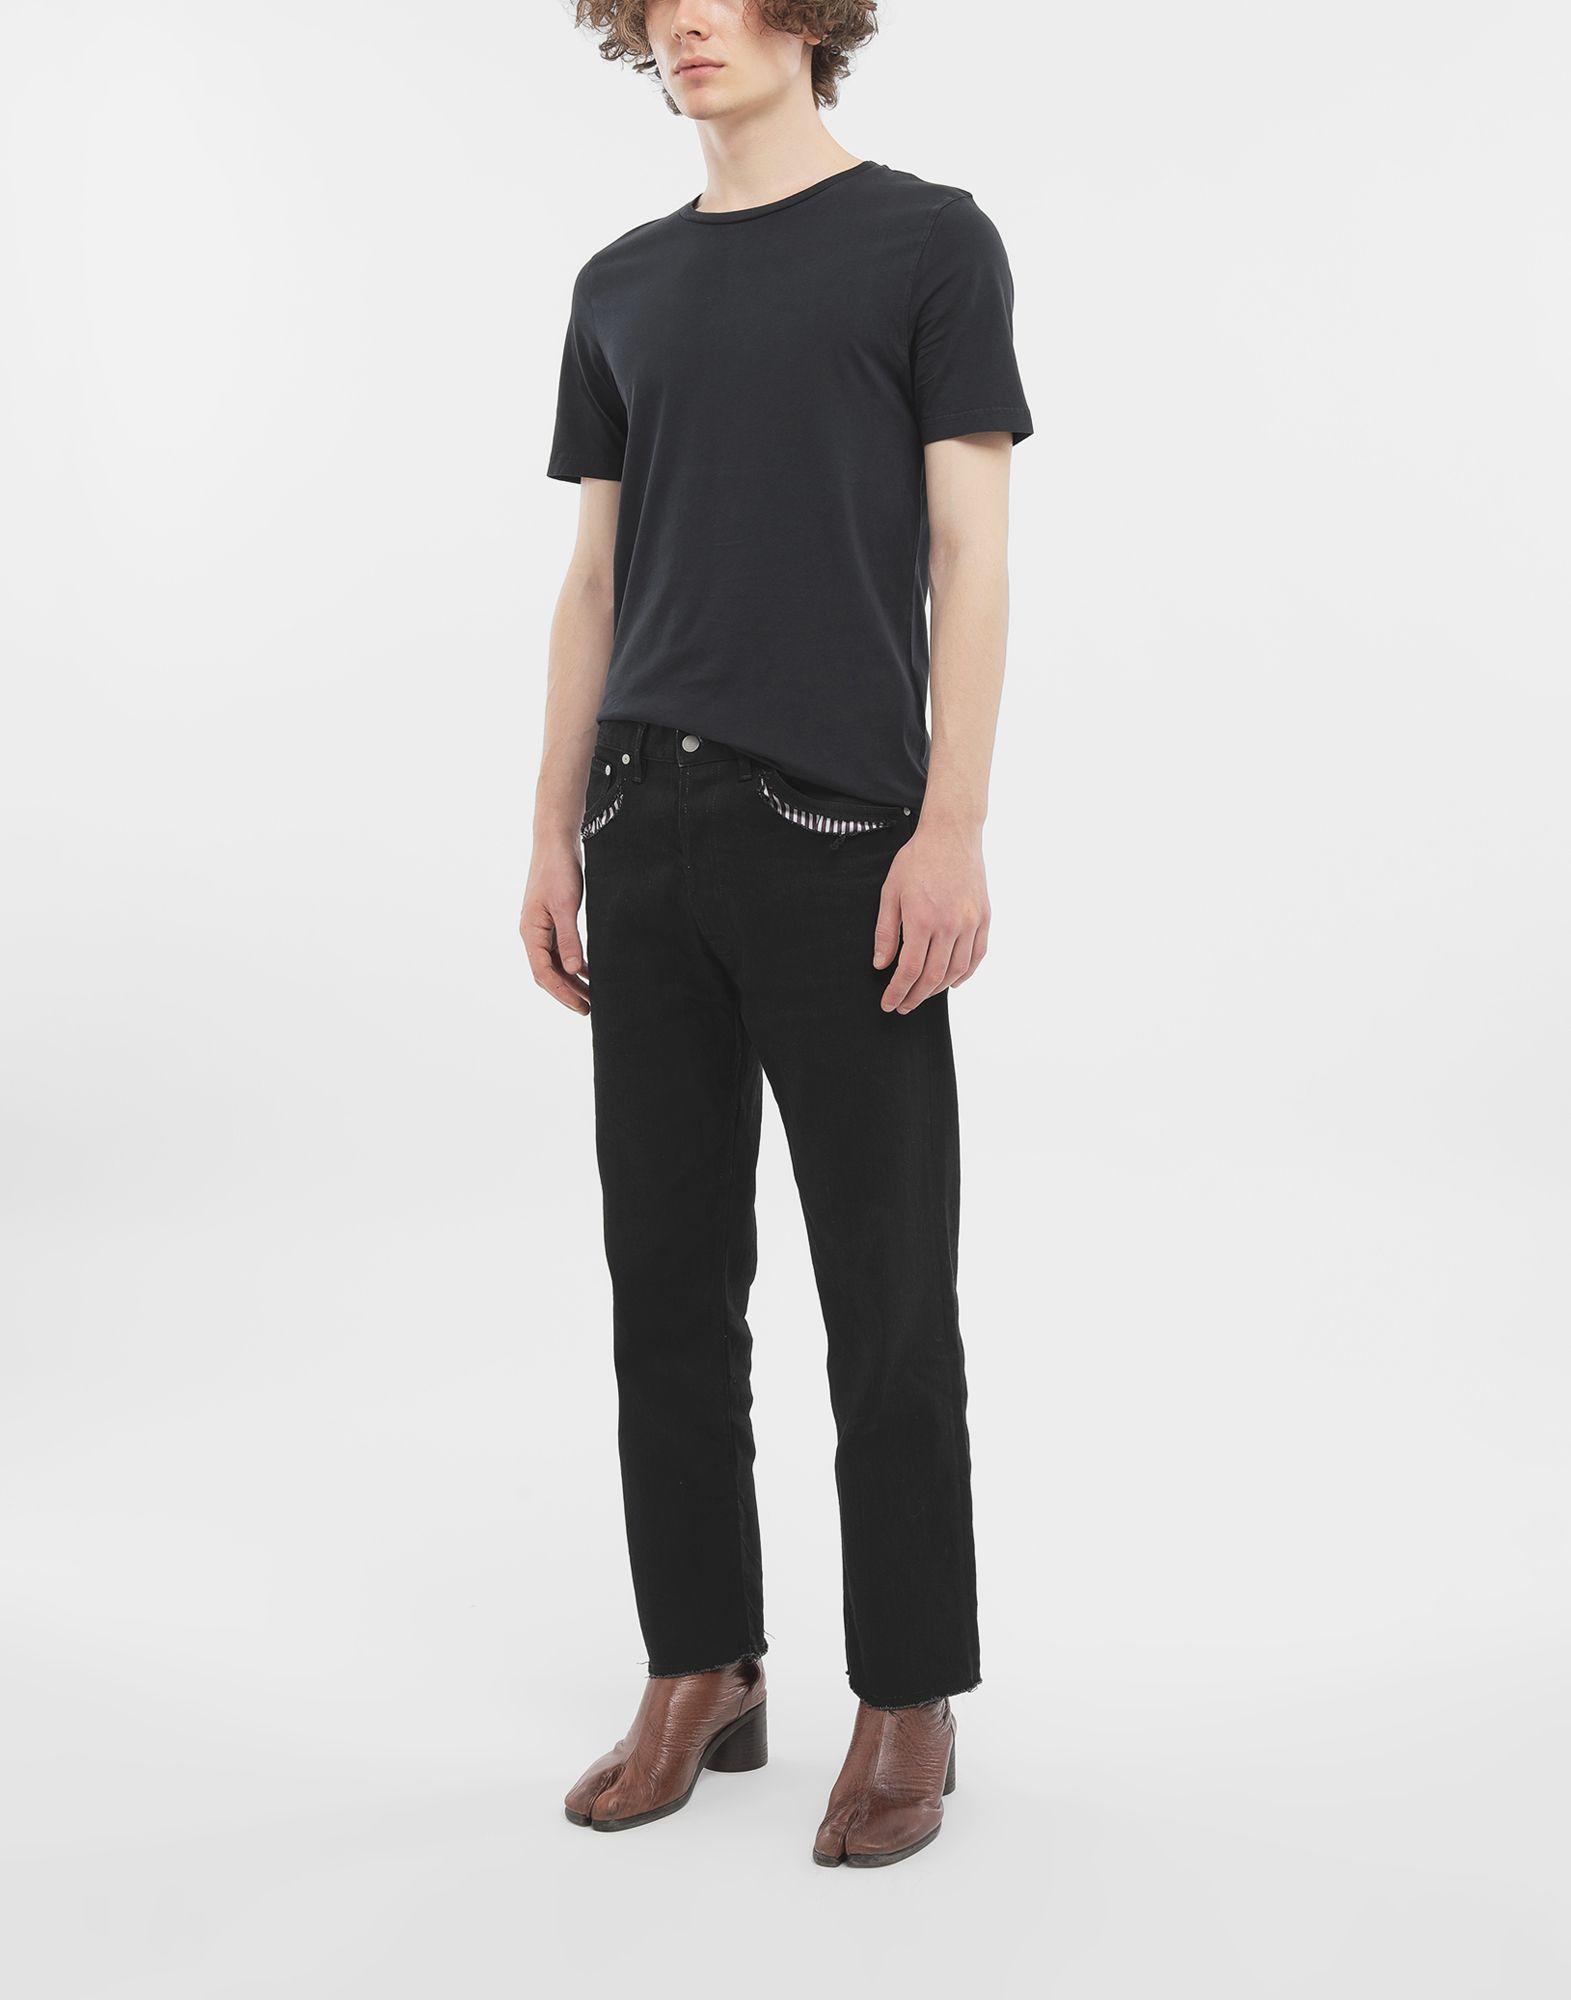 MAISON MARGIELA Cotton tee-shirt Short sleeve t-shirt Man d